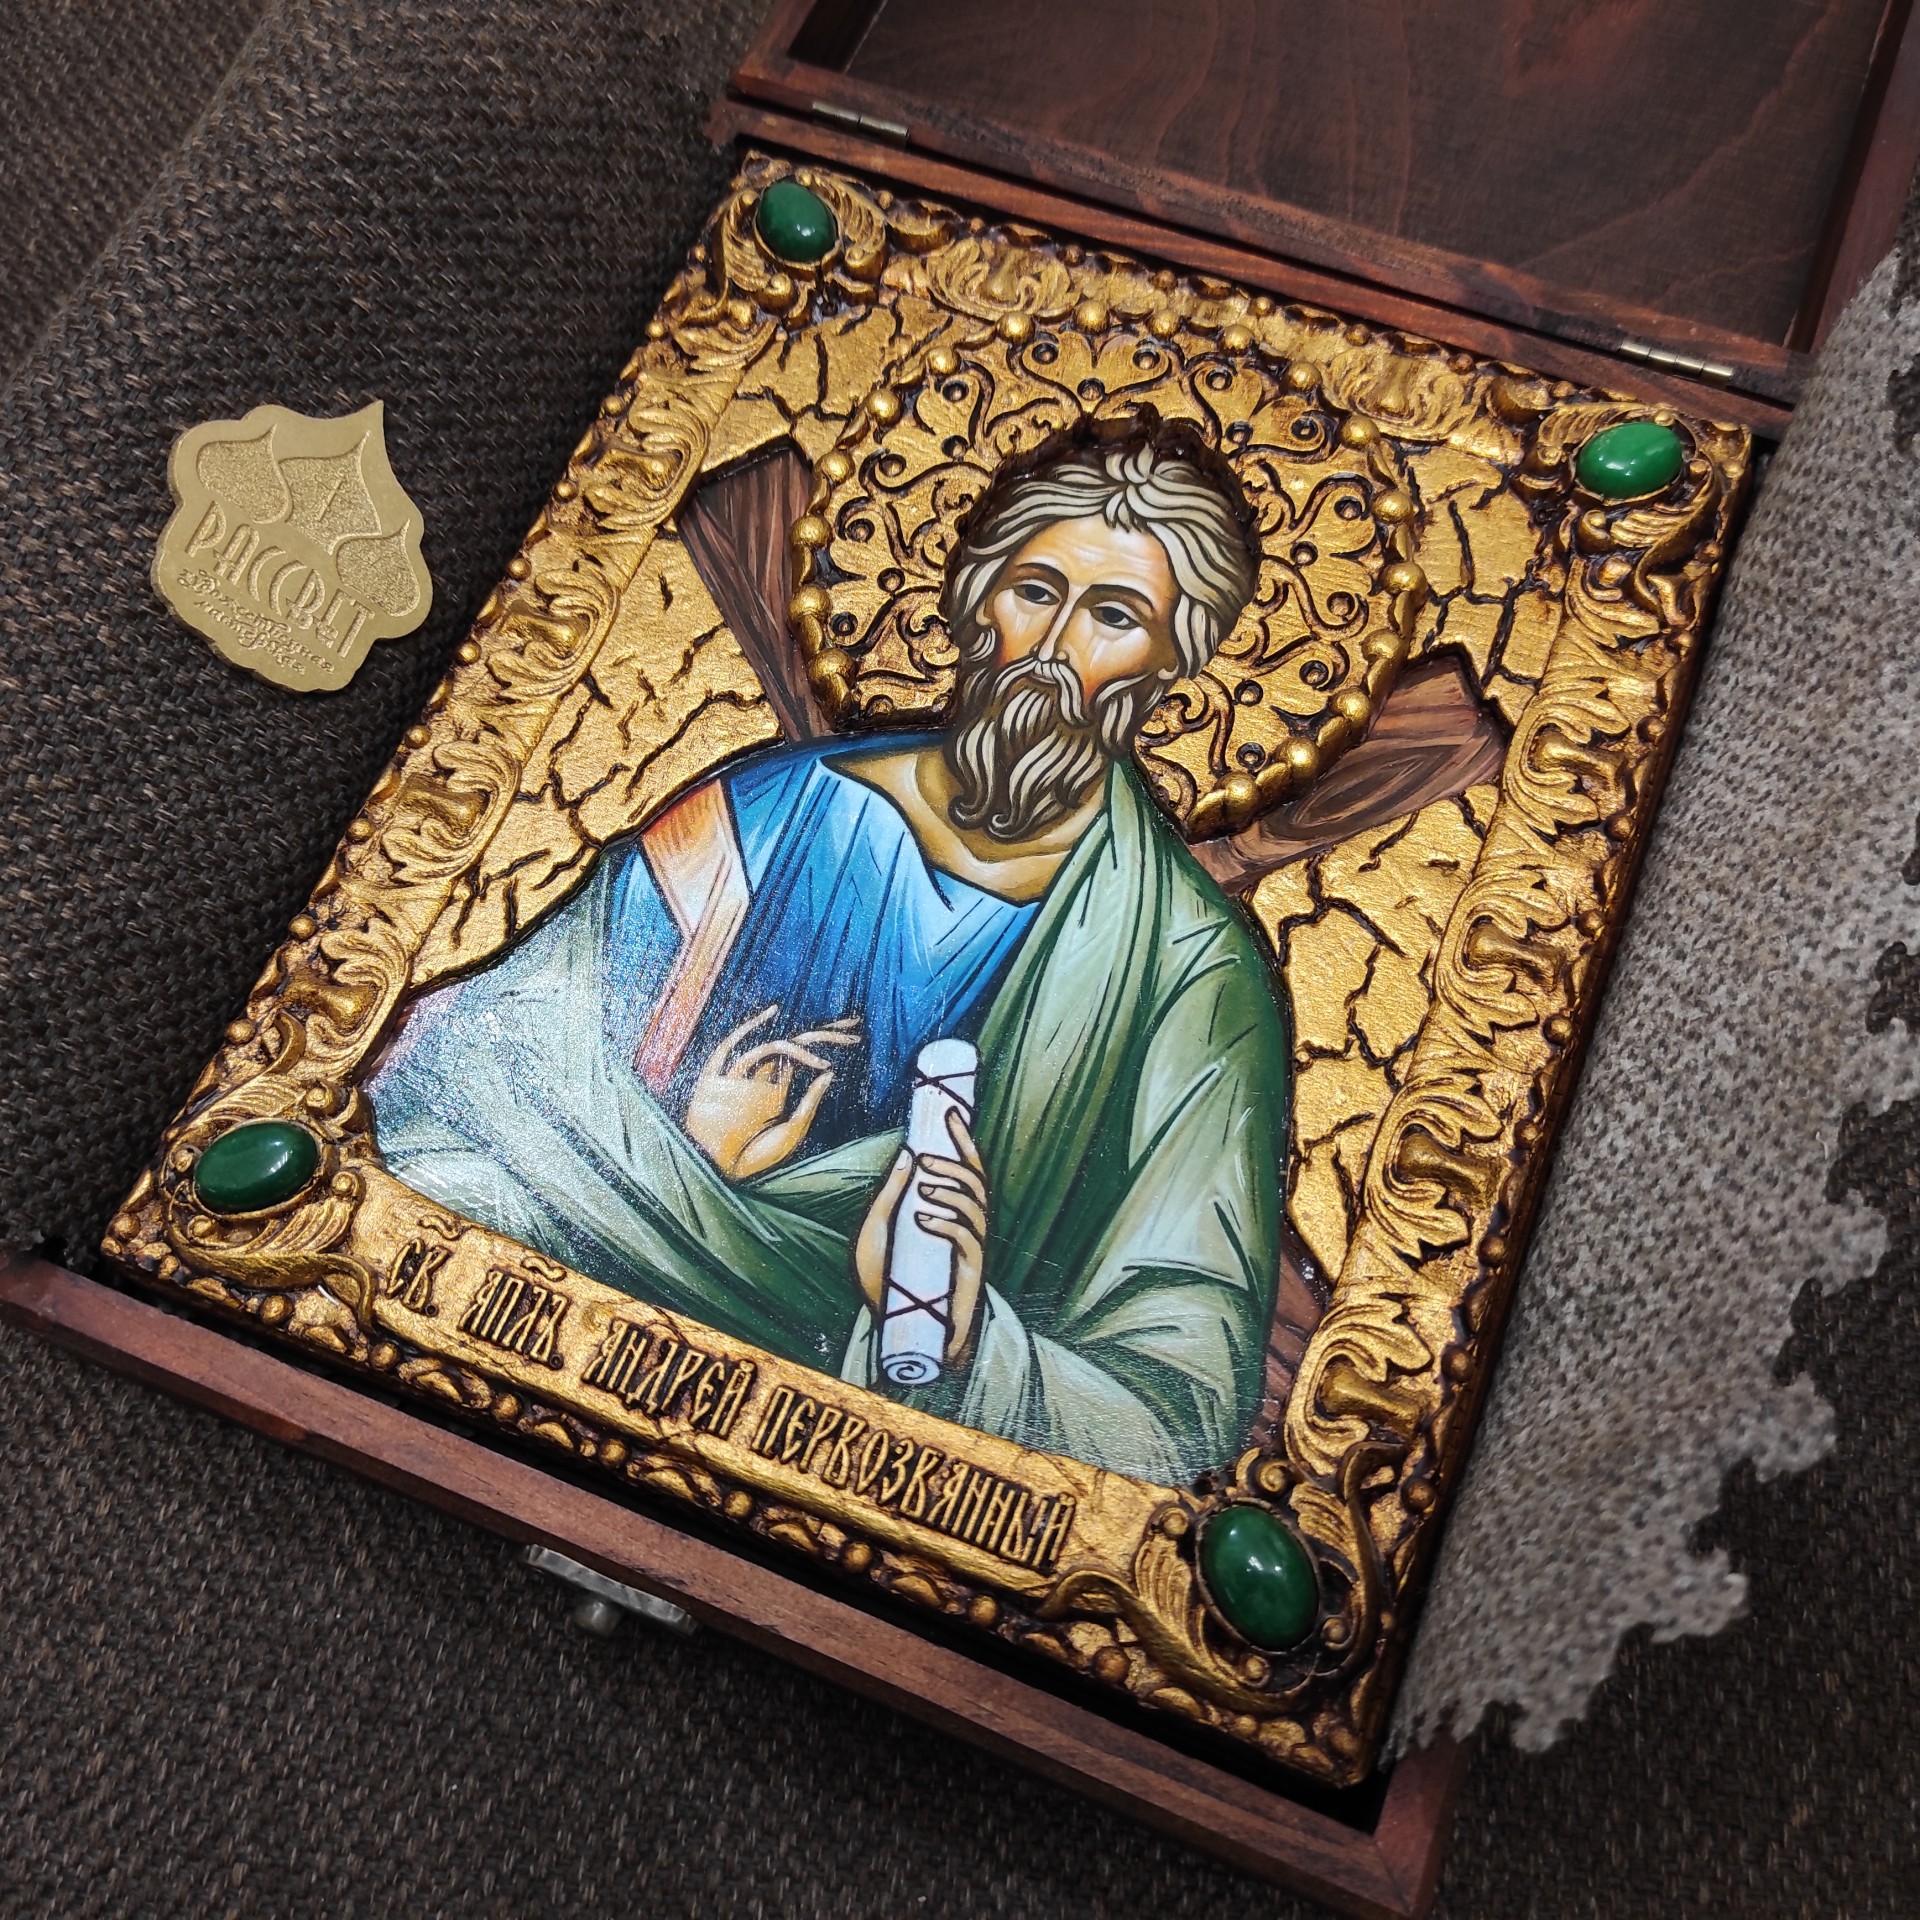 Фото именной иконы святого апостола Андрея Первозванного с камнями уложенной в футляре другой ракурс